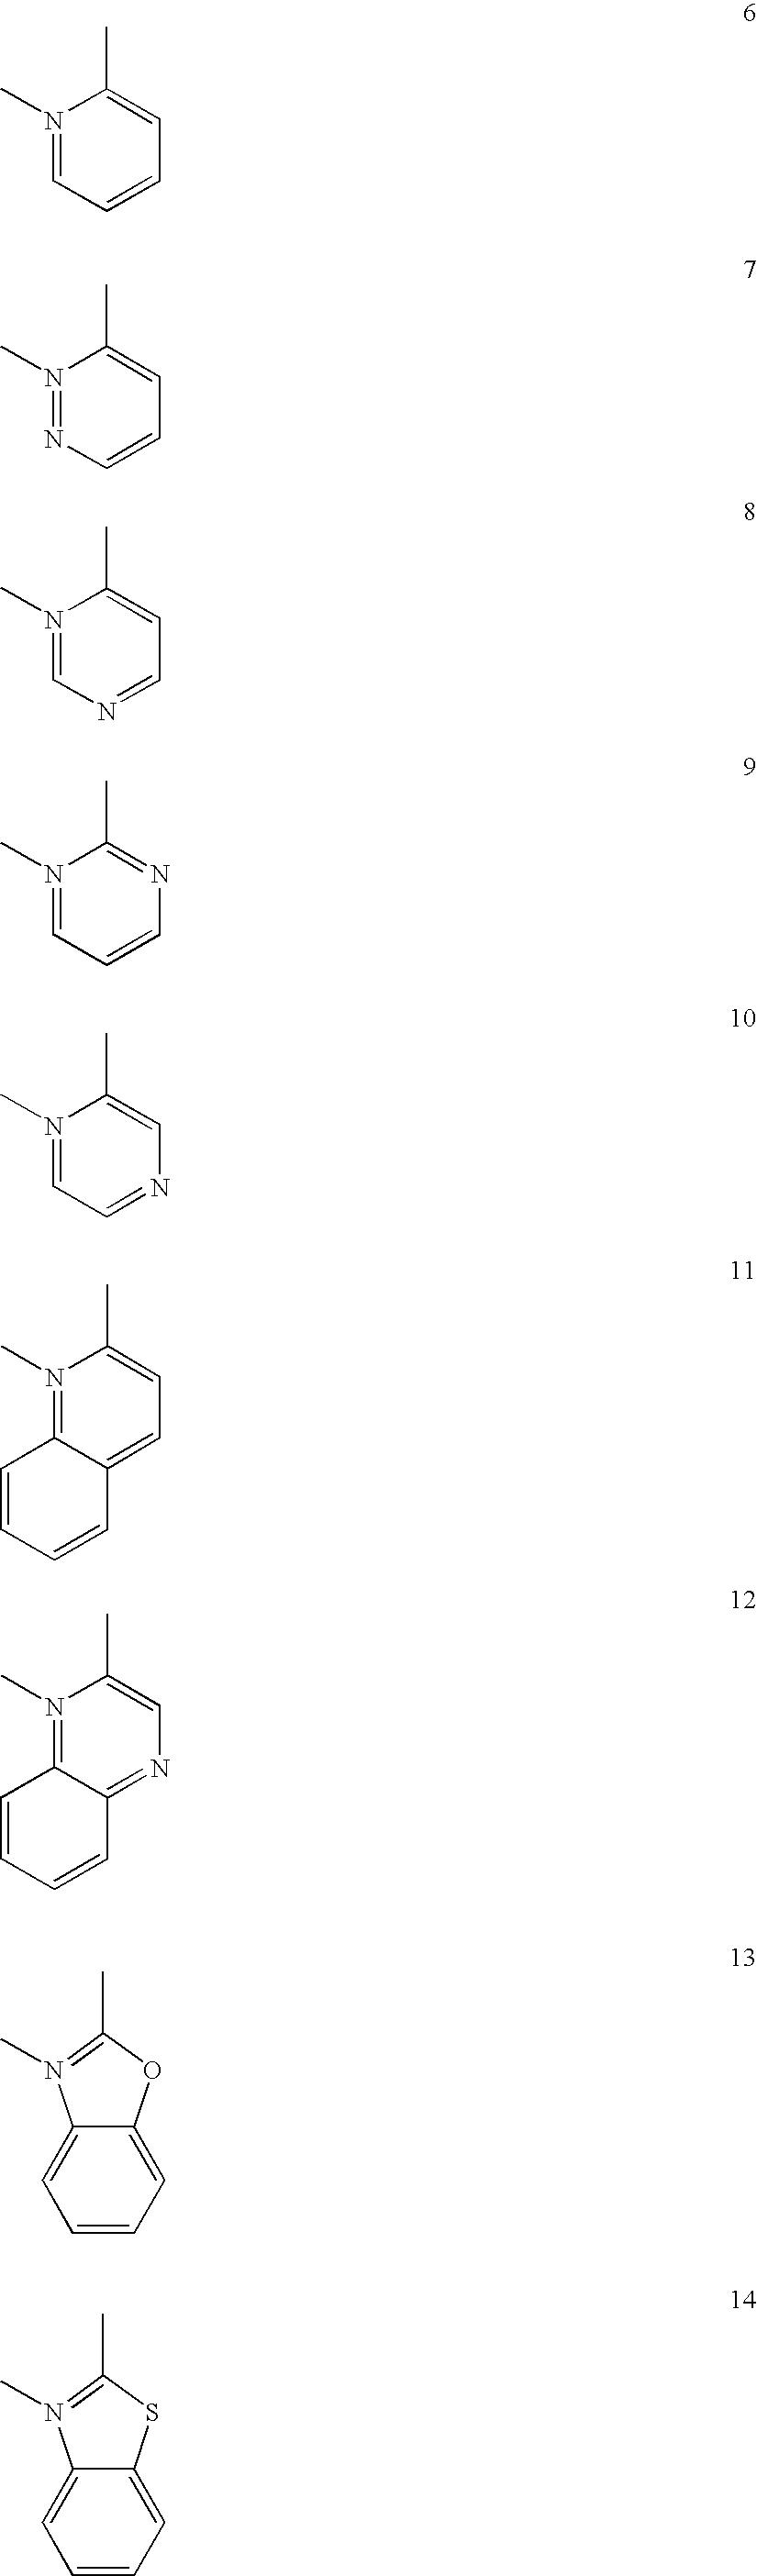 Figure US06953628-20051011-C00003